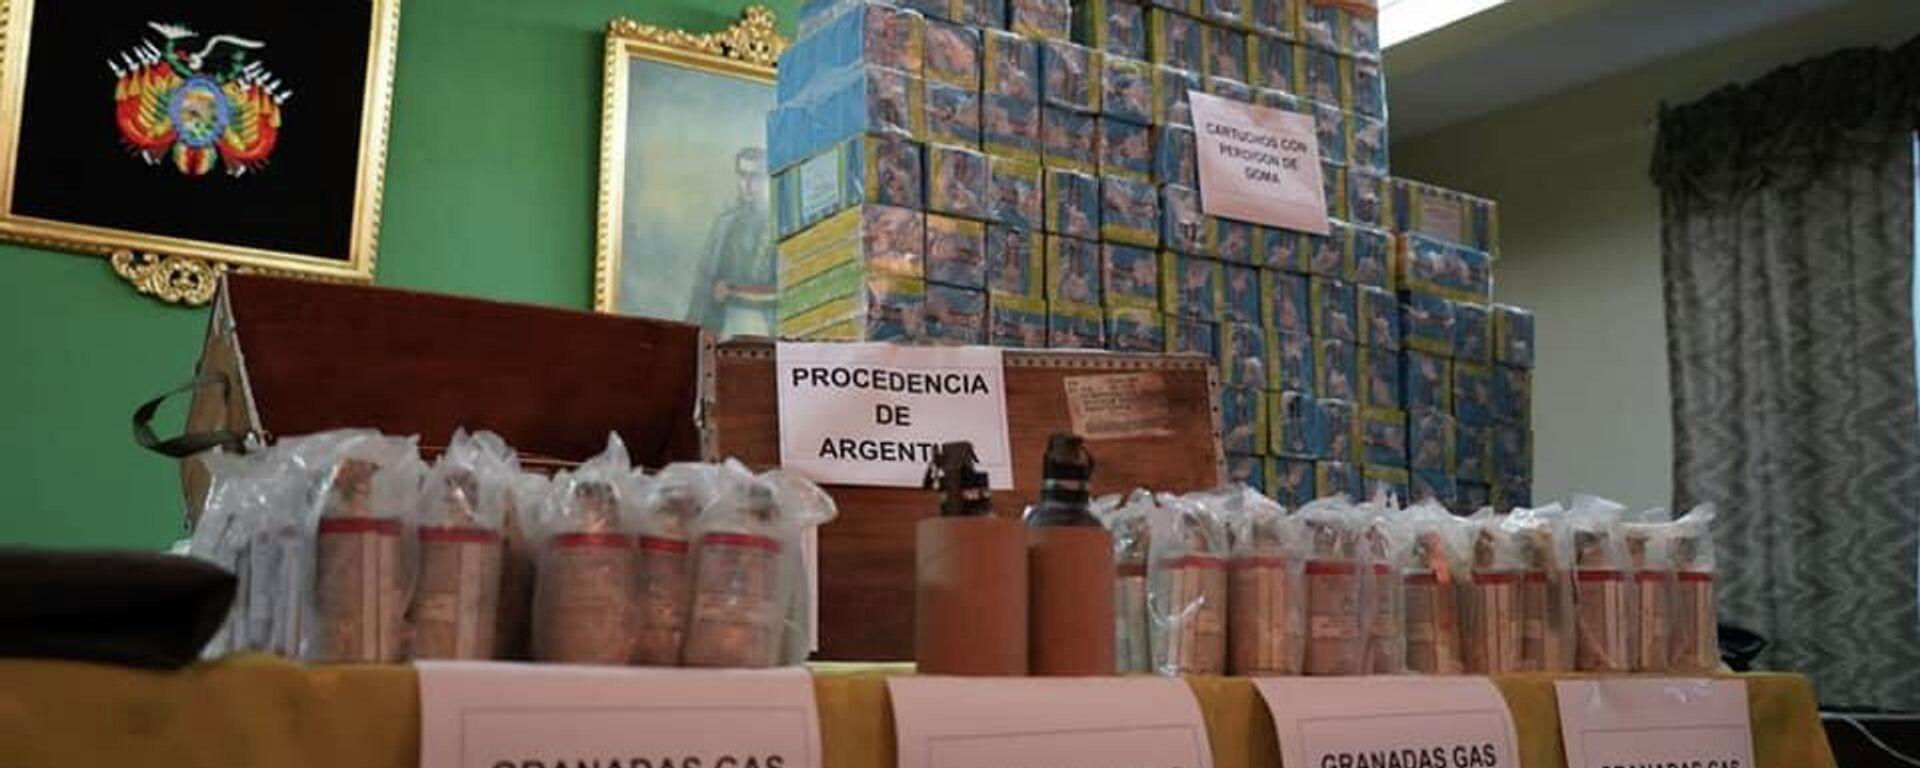 El Gobierno de Bolivia exhibió las municiones y confirmó que hubo tráfico ilícito desde Argentina - Sputnik Mundo, 1920, 19.07.2021